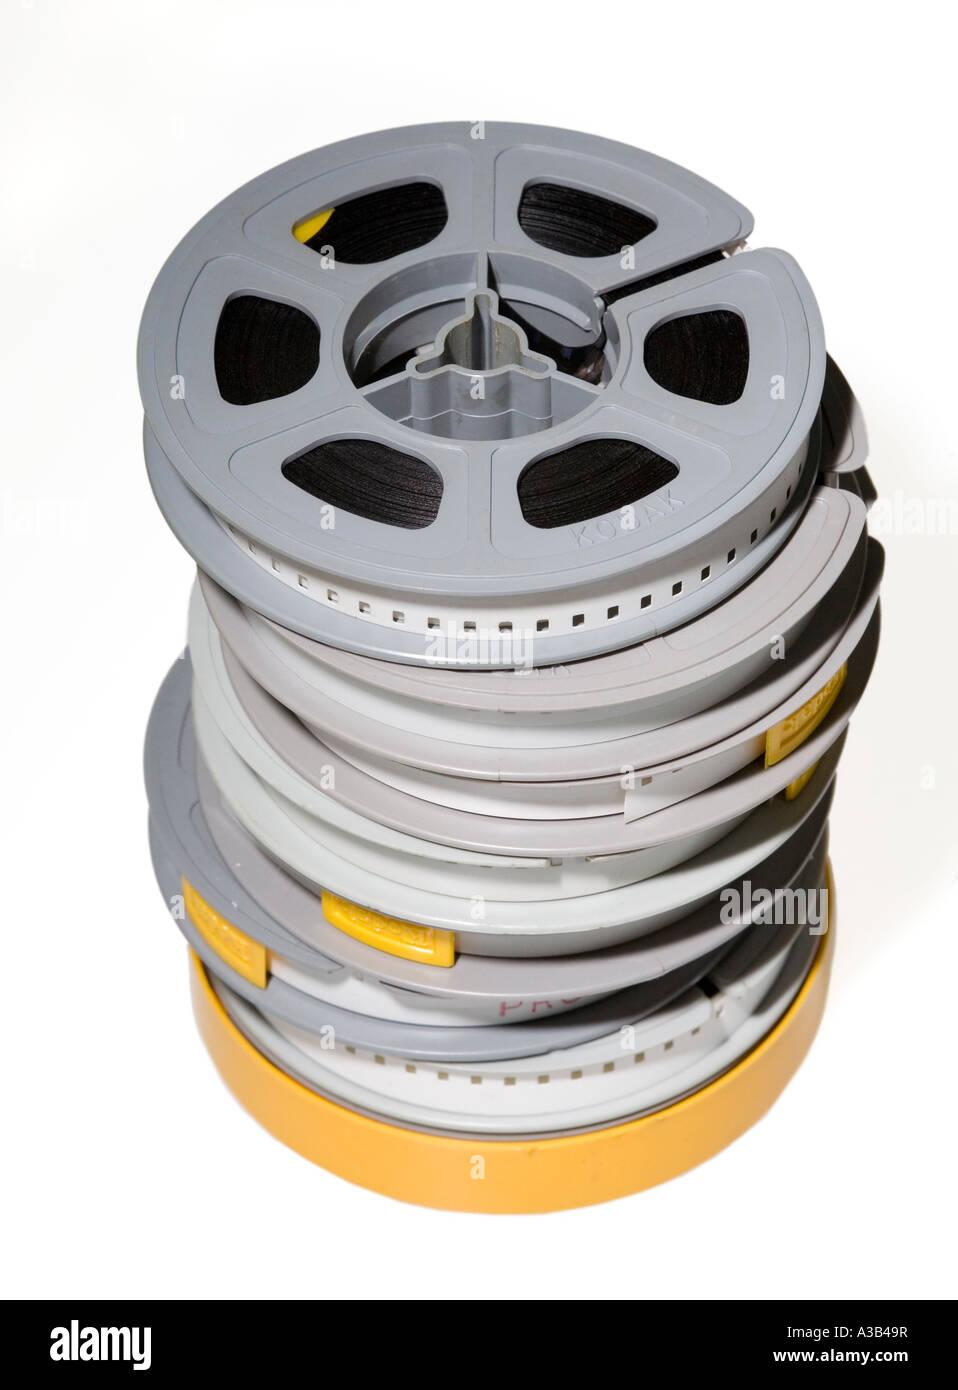 Pila de aficionados rollos de película de cine 8mm Imagen De Stock